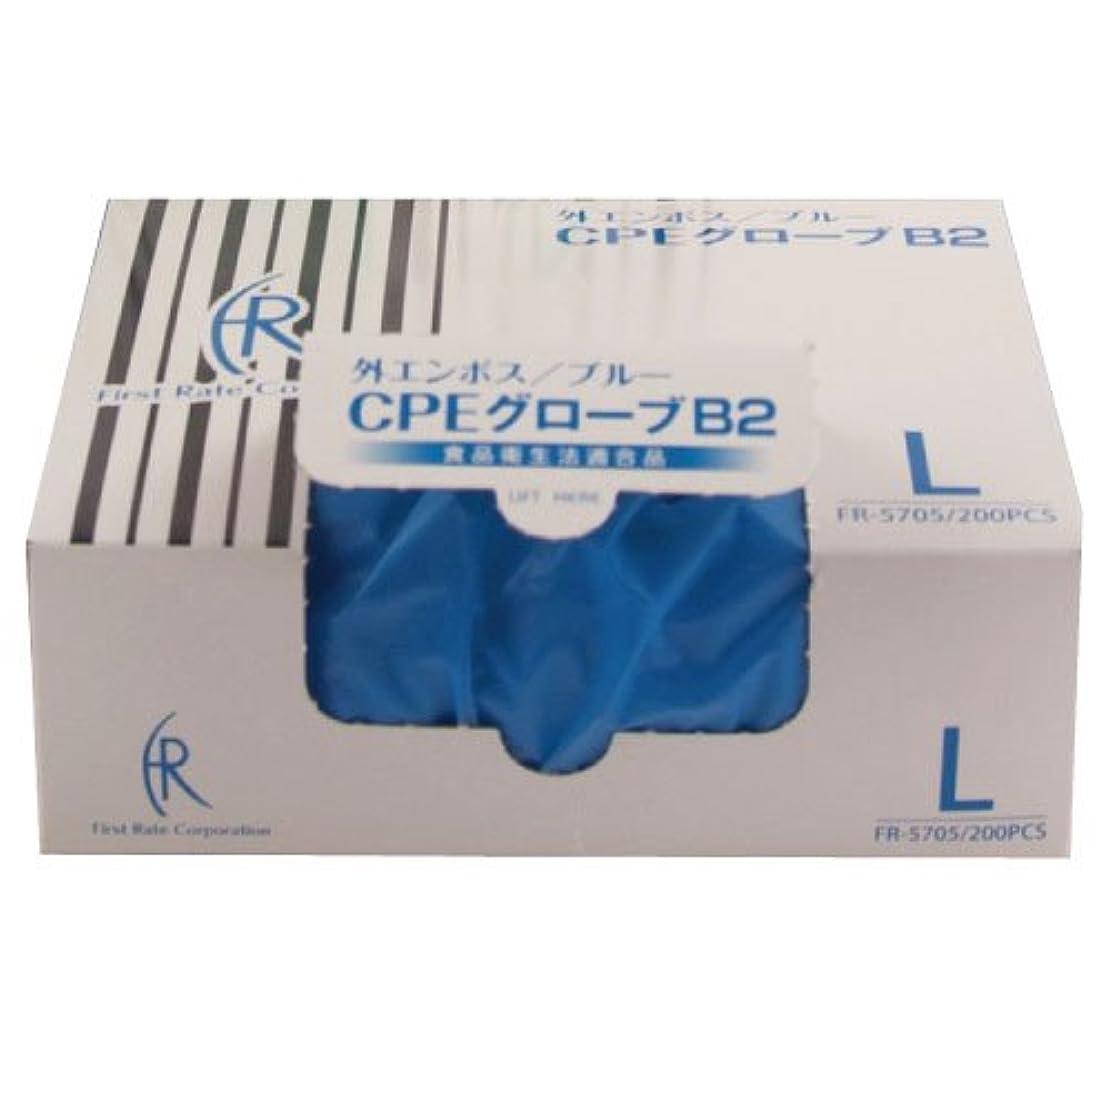 ファーストレイト CPEグローブ2(ブルー) FR-5705(L)200マイイリ